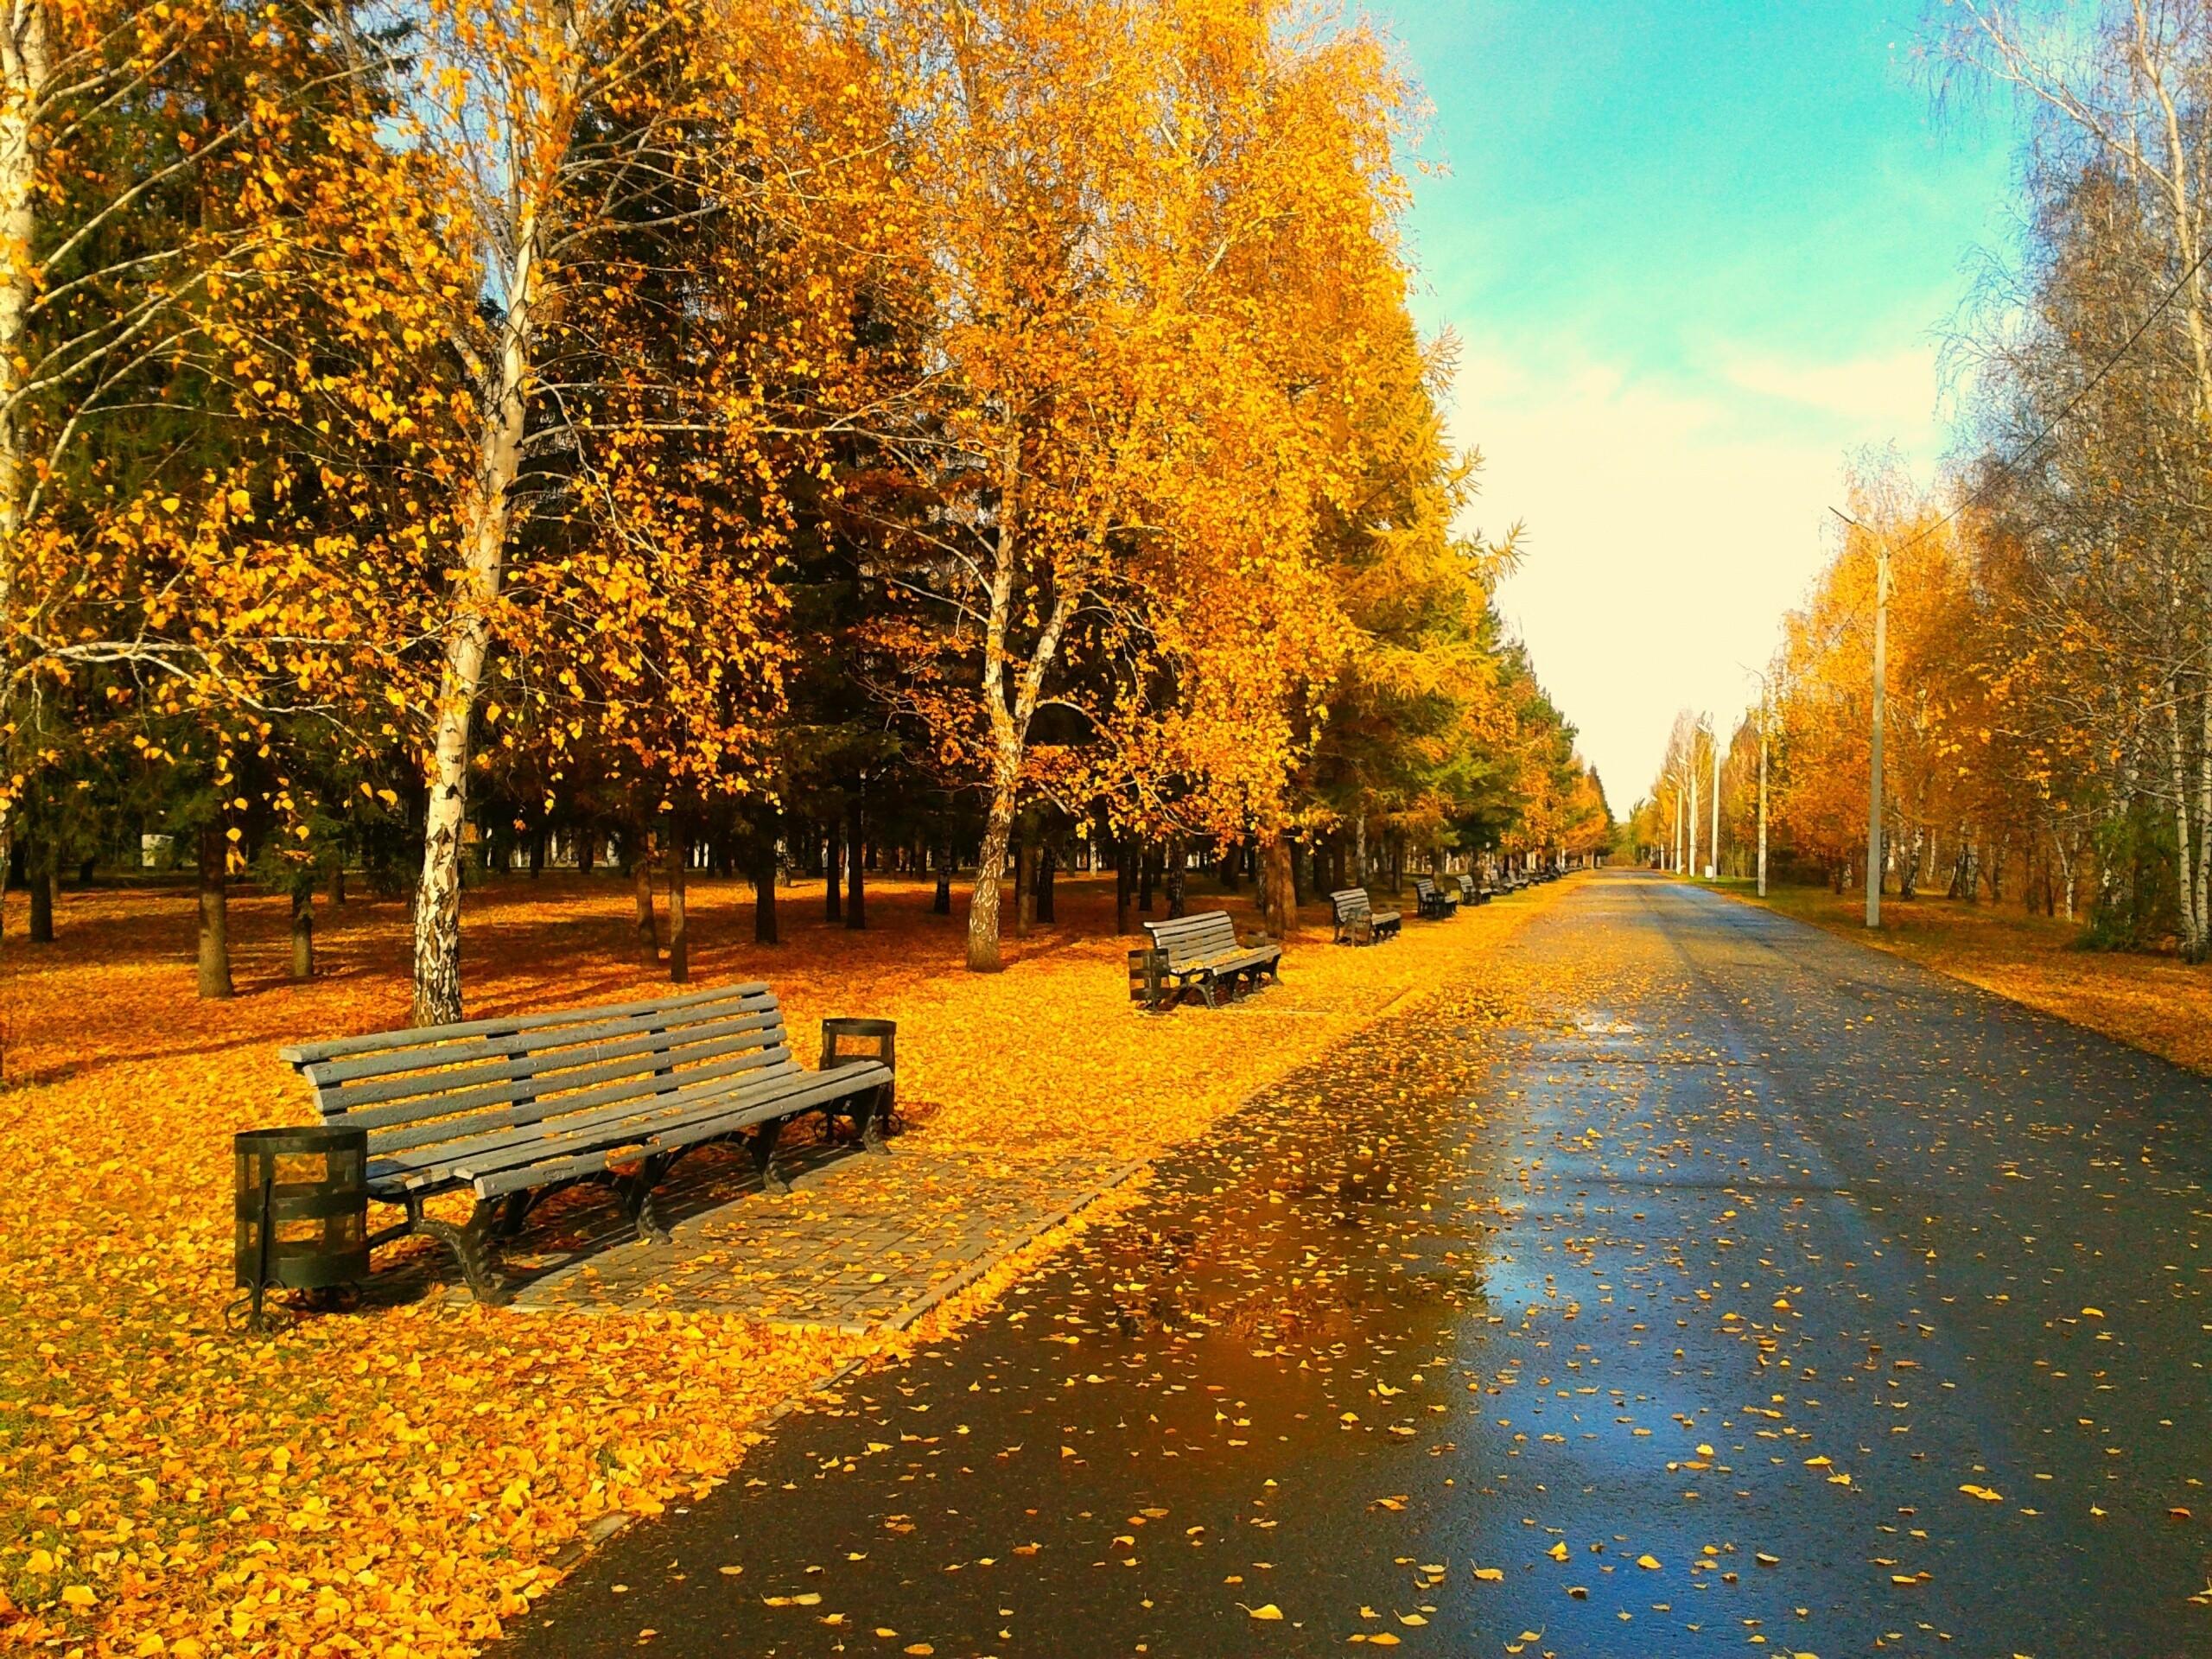 Autumn season wallpaper   AllWallpaper.in #15136   PC   en